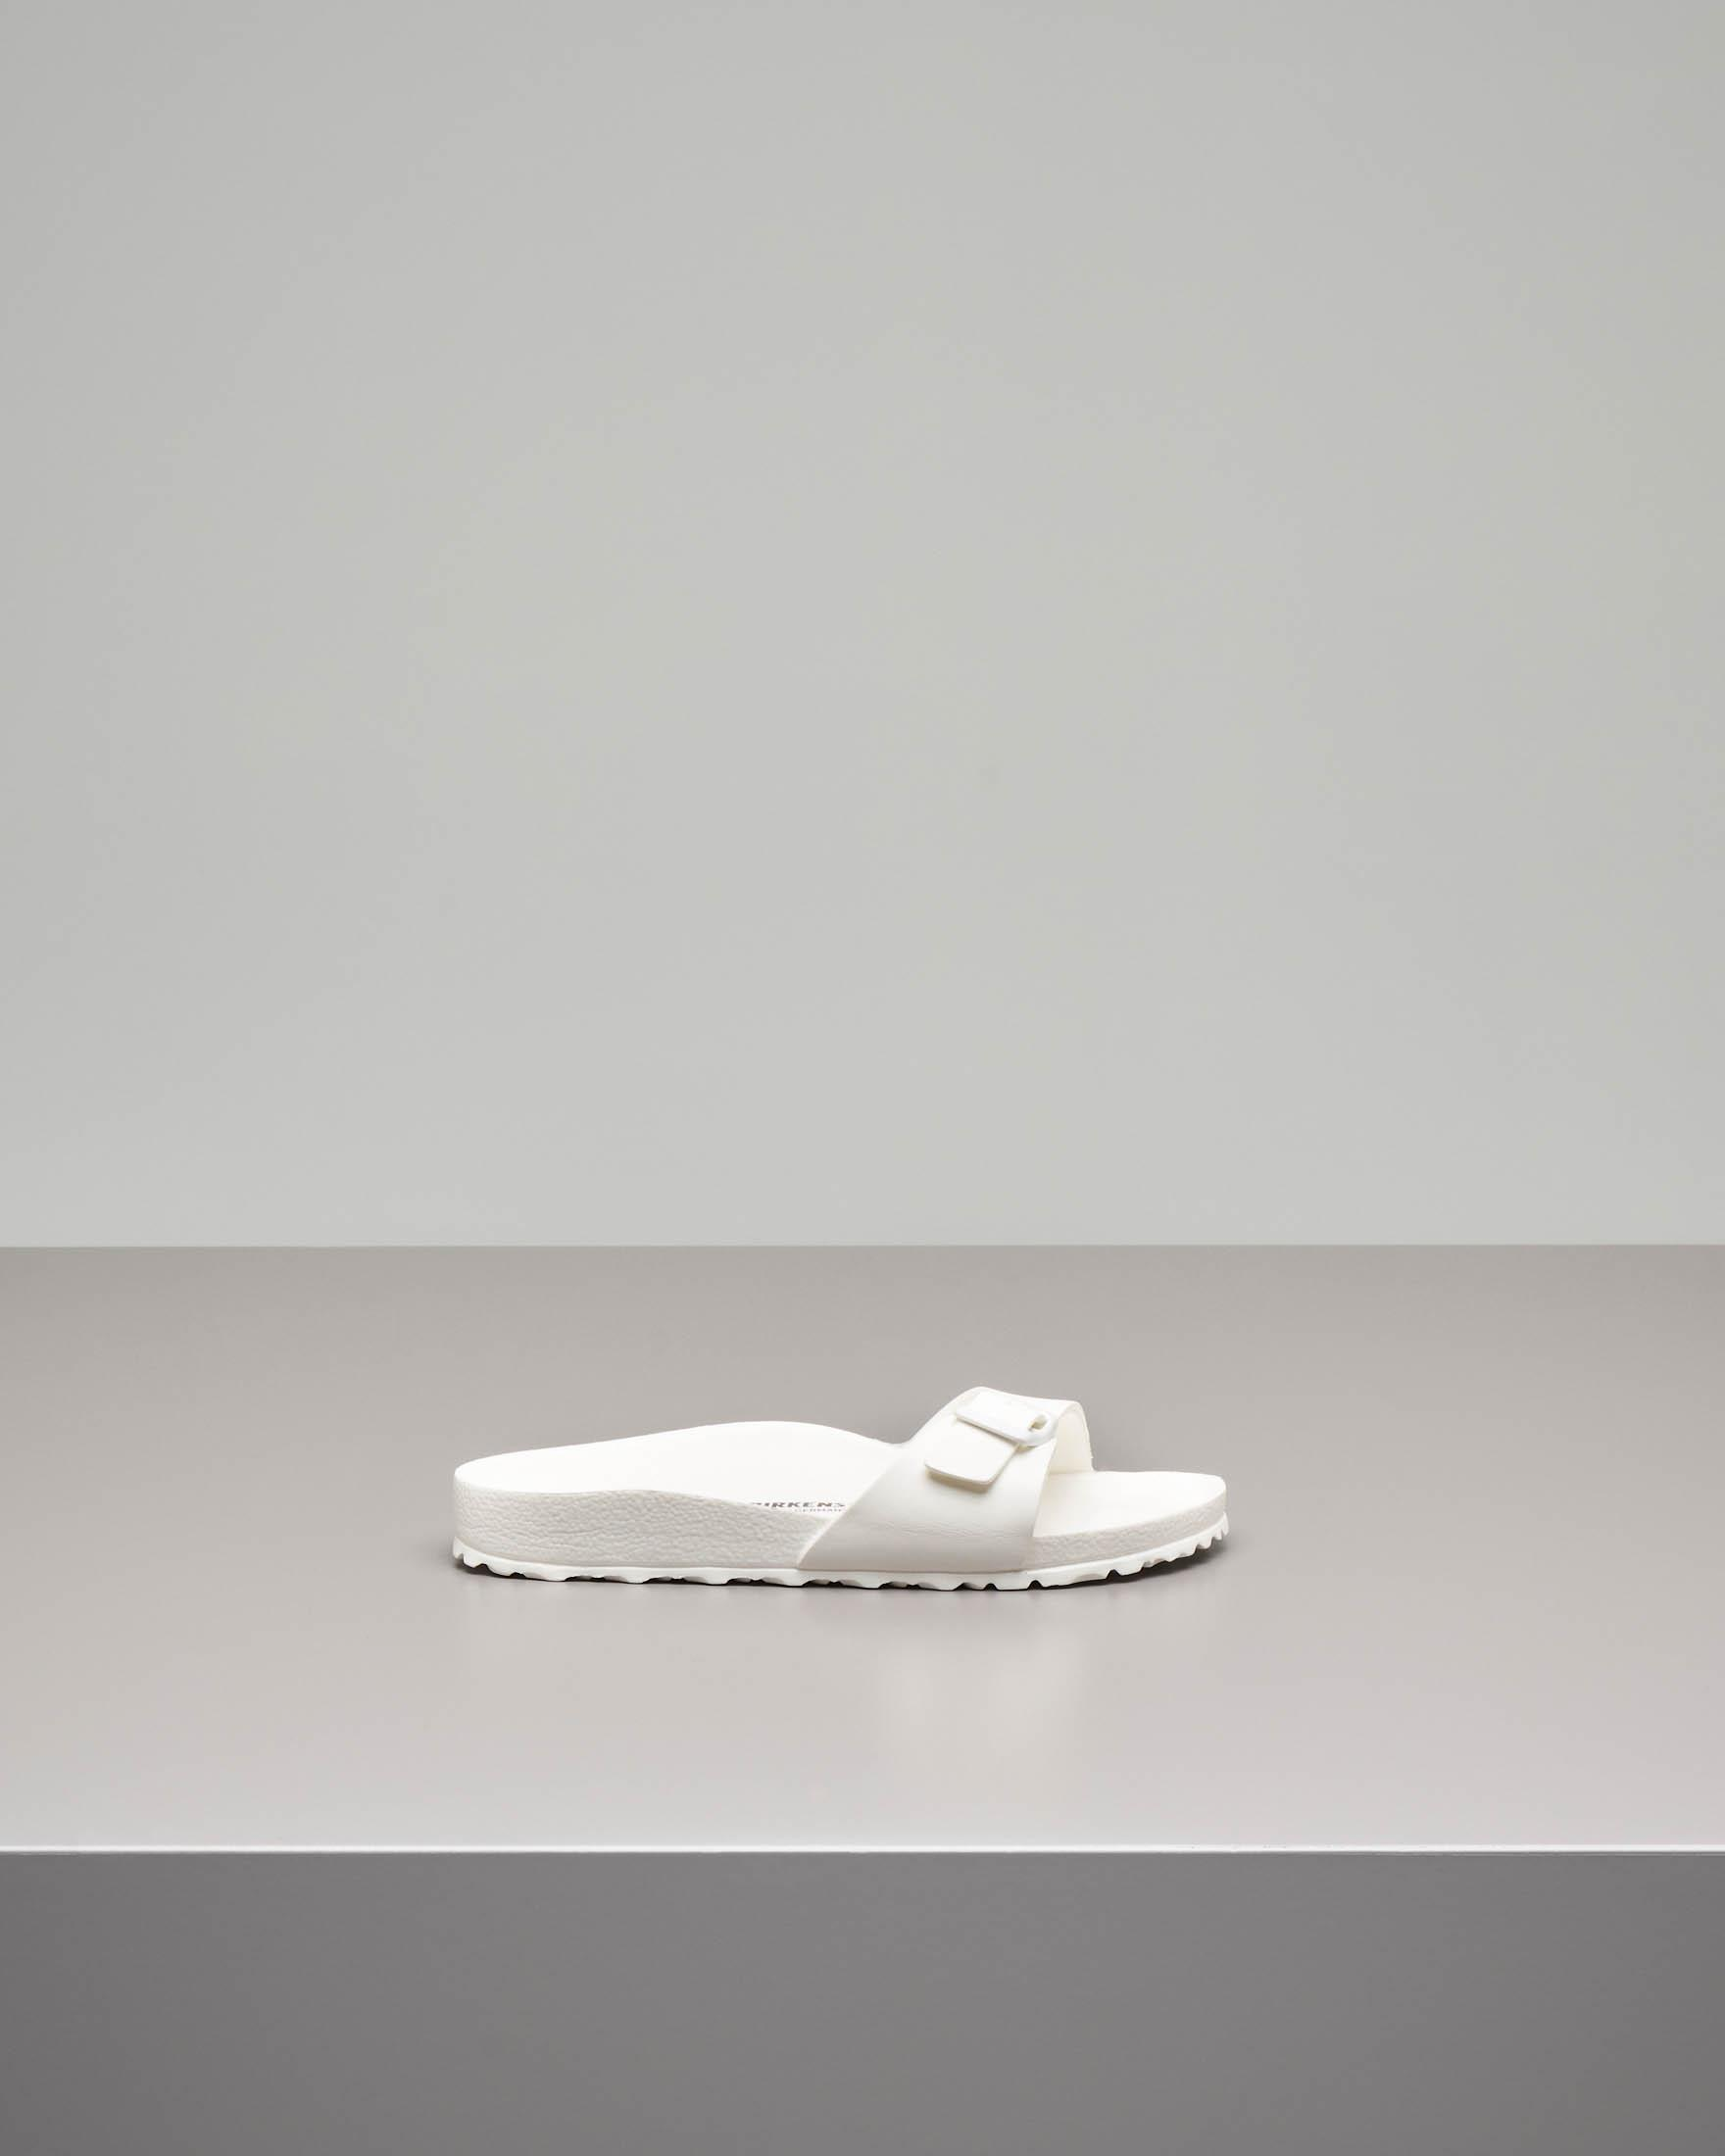 Sandalo Madrid in EVA bianco con fascetta e fibbia tono su tono